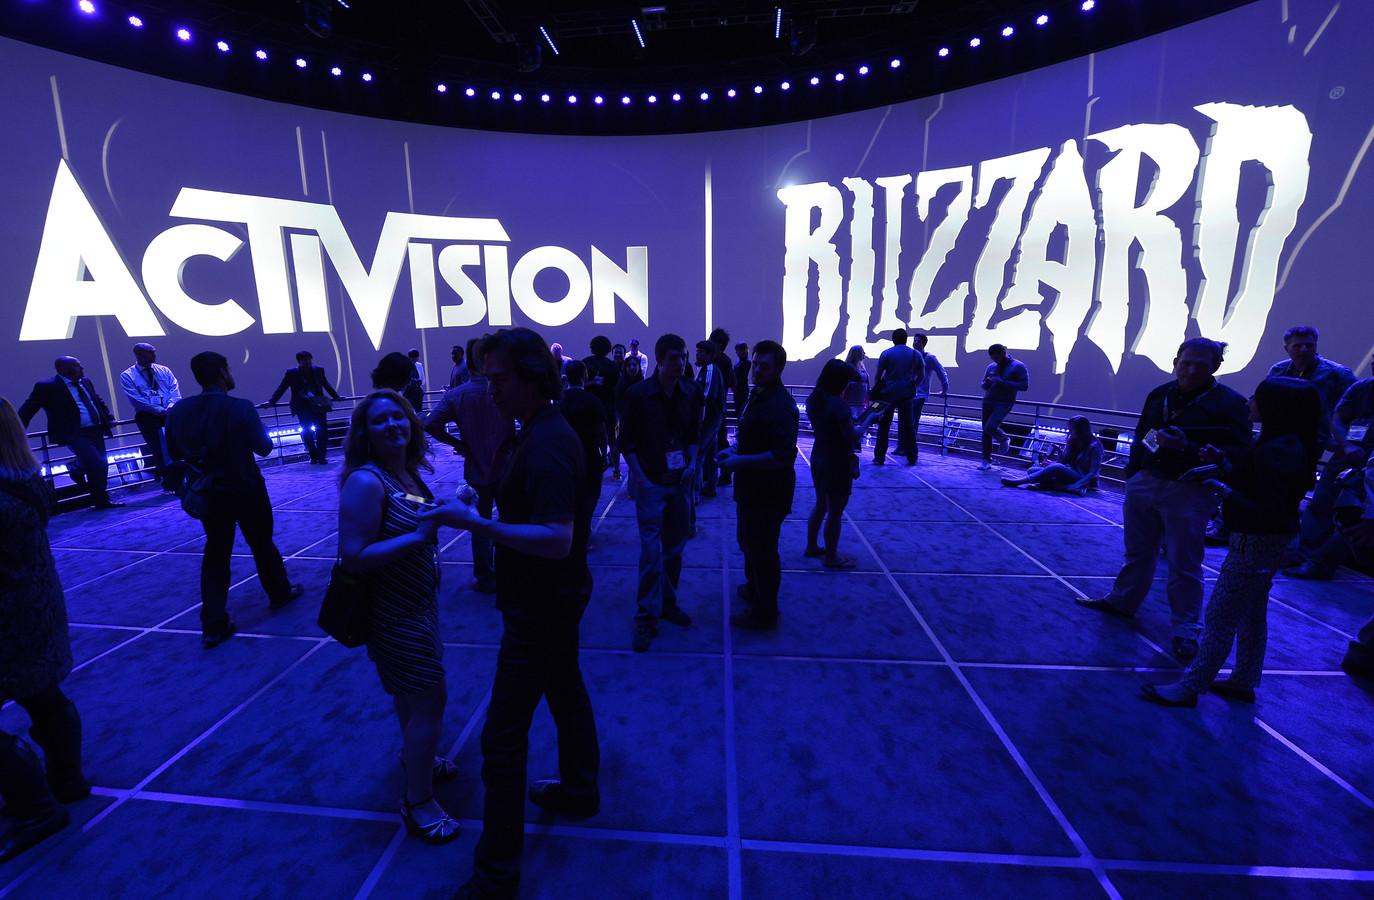 Vorig jaar waren Activision en Blizzard 'gewoon' aanwezig op gamebeurs E3. Nu deze is afgelast wijken de uitgevers uit naar een online gamefestival dat Summer Game Fest heet.